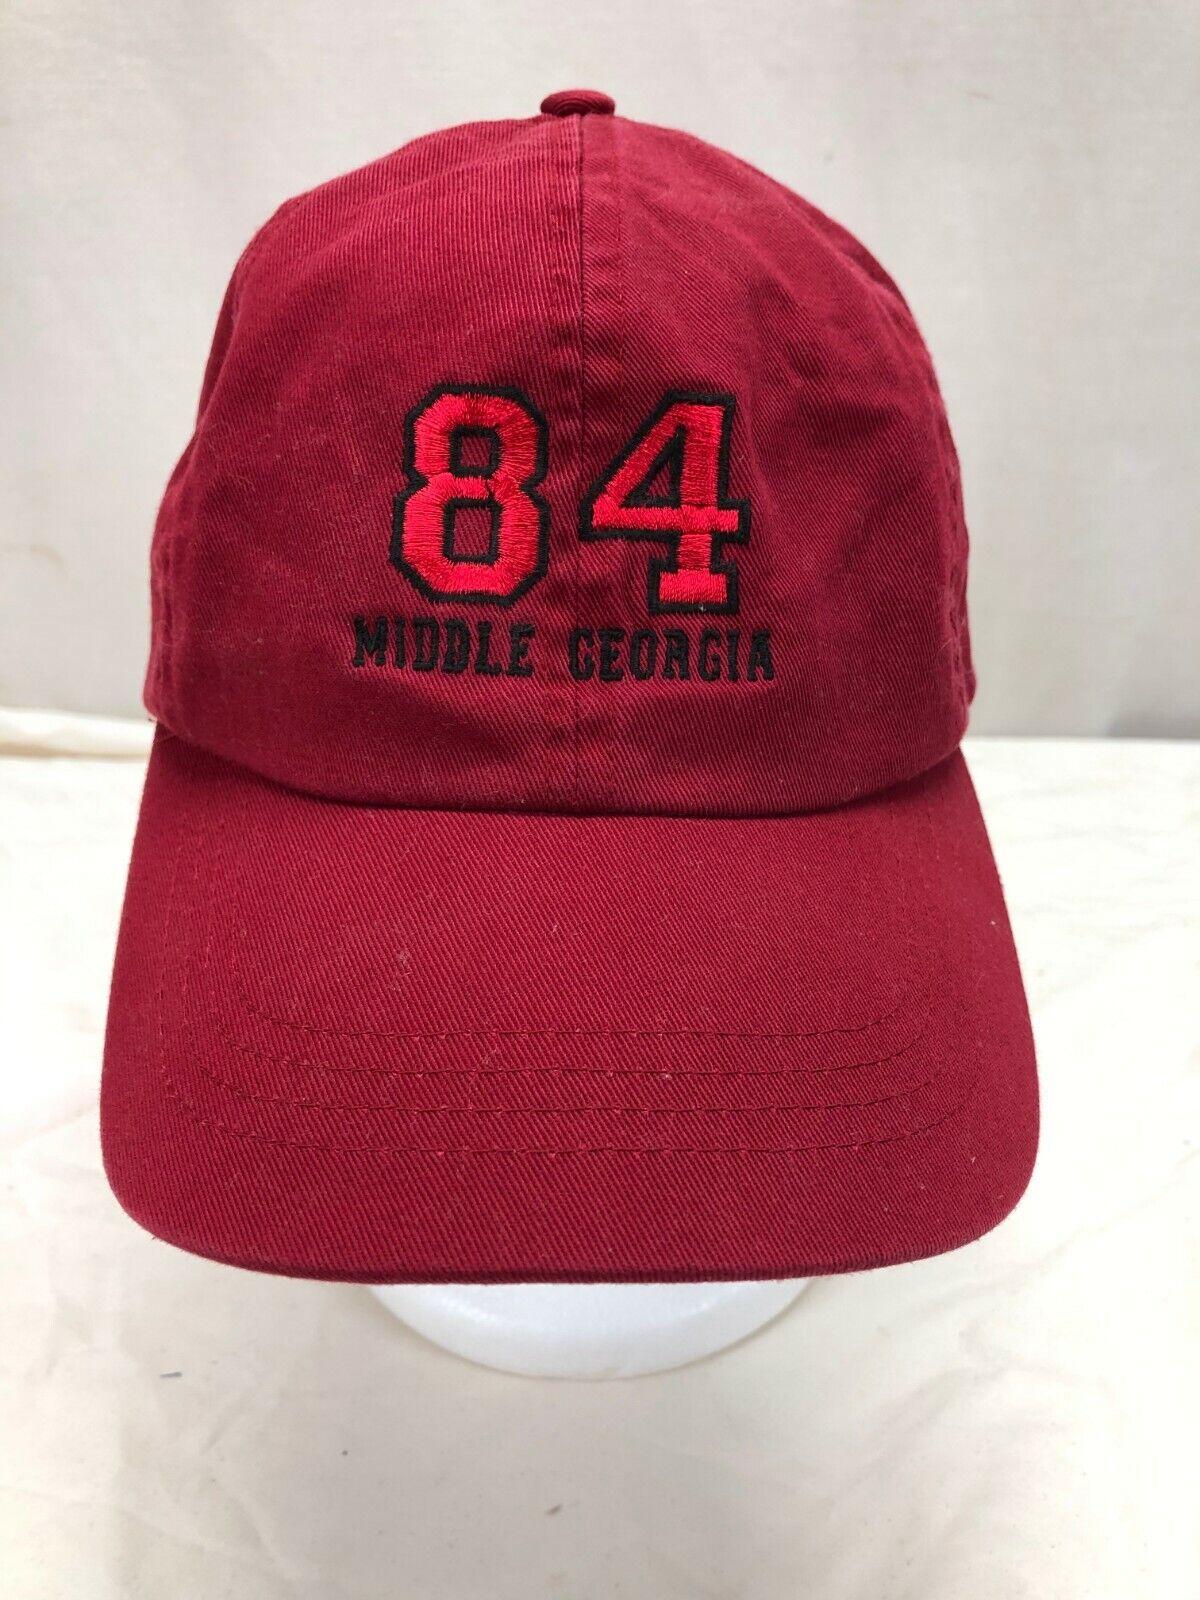 84 Mittlere Georgia Einstellbare Strapback Kappe Hut